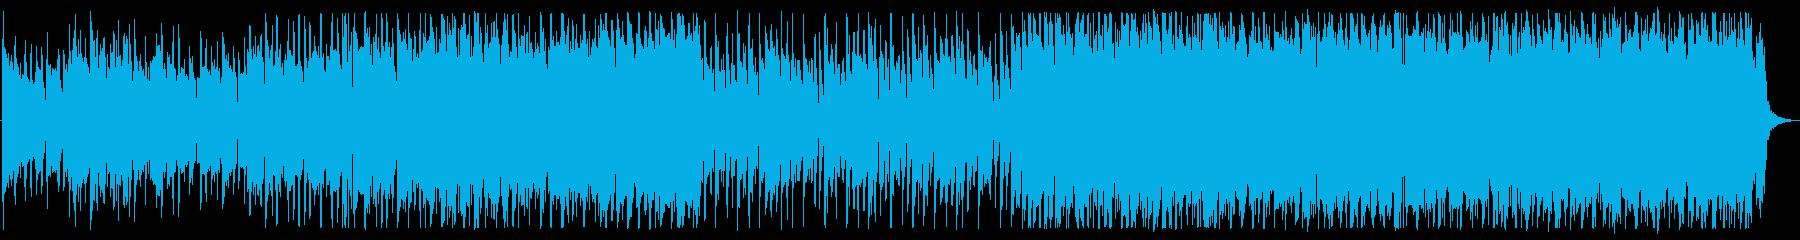 ギター/インディーロック_No454_3の再生済みの波形